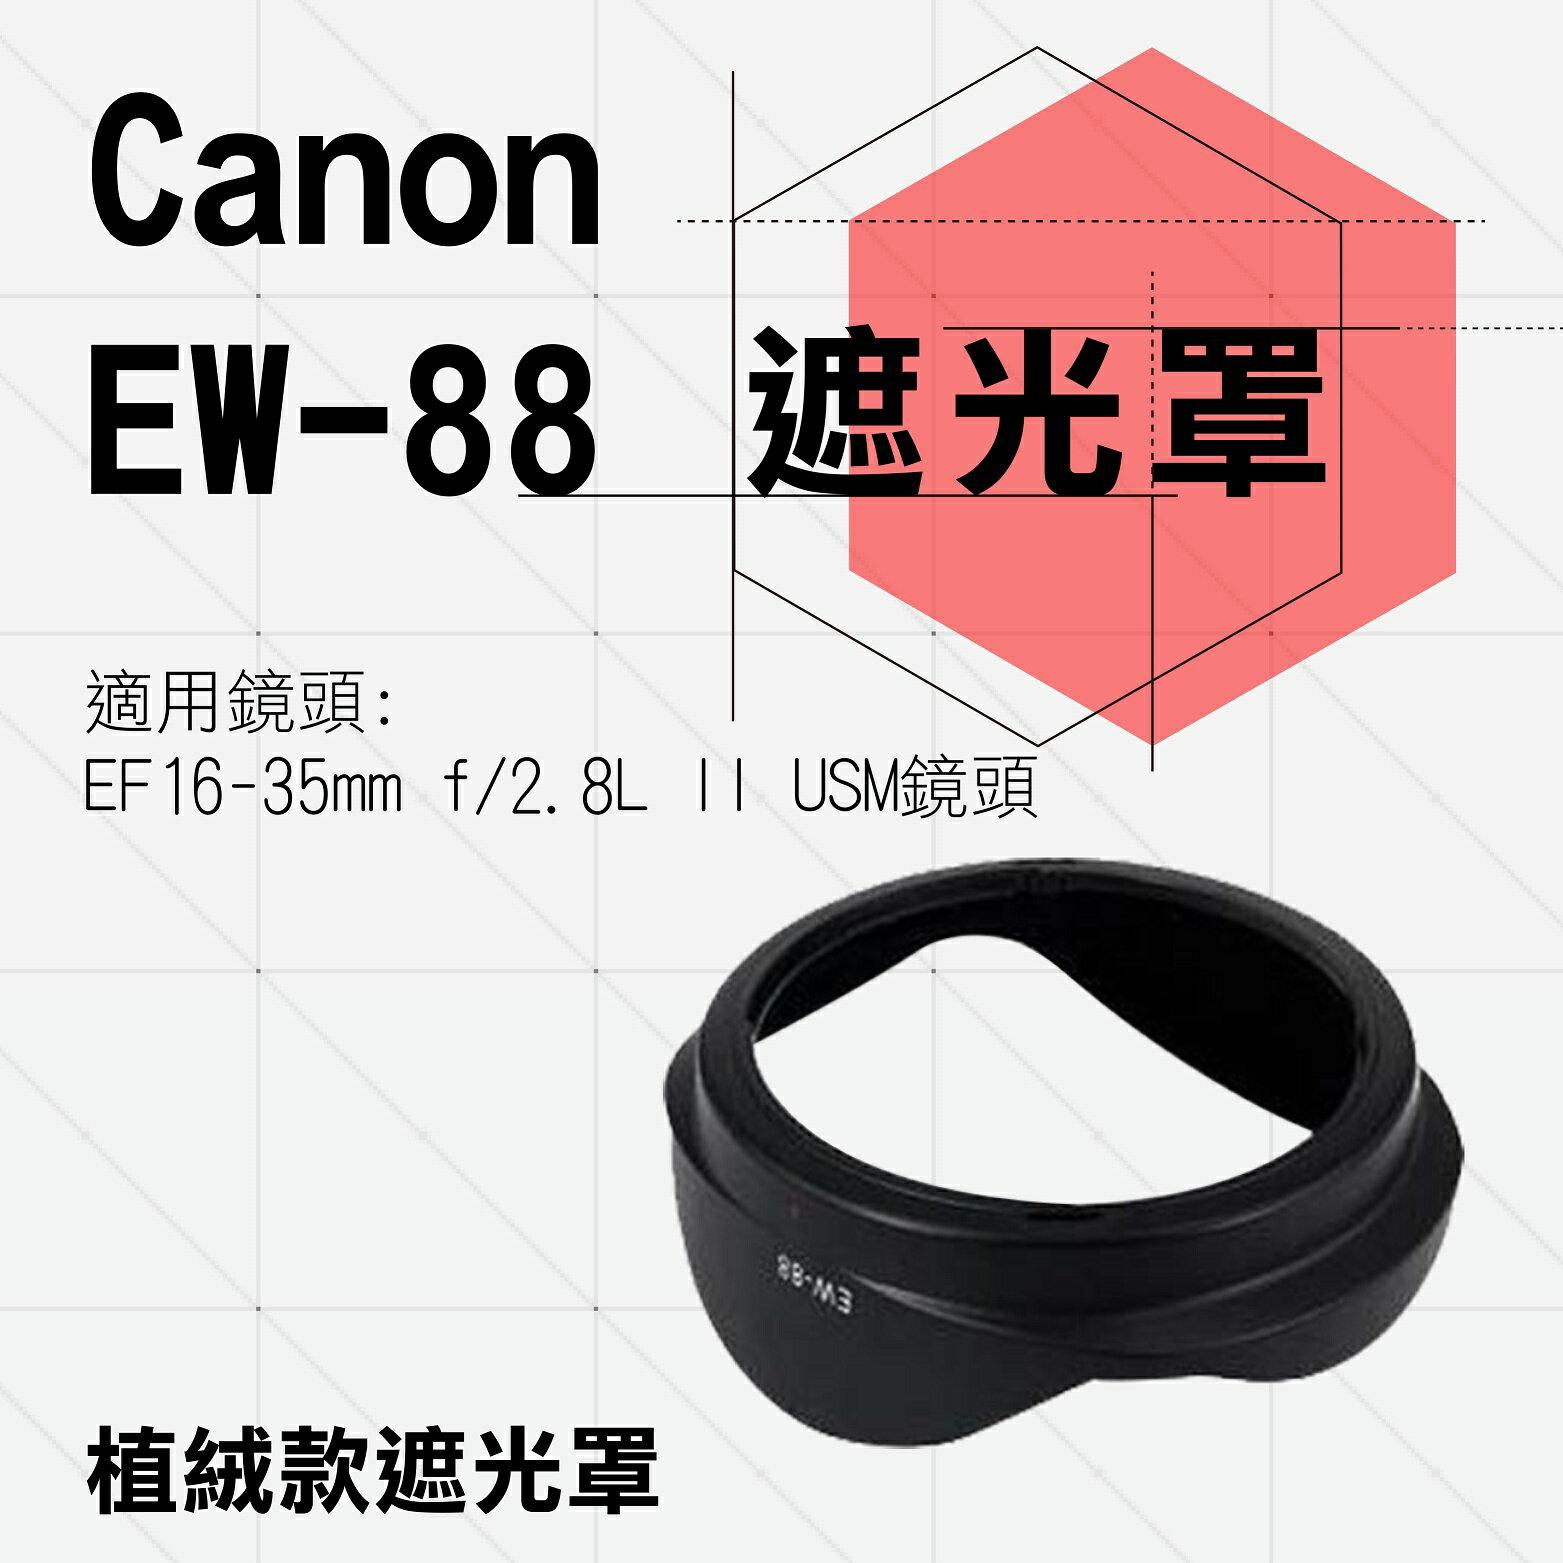 攝彩@Canon 植絨款 EW-88 蓮花遮光罩 EF 16-35mm f/ 2.8L II USM 太陽罩 攝影